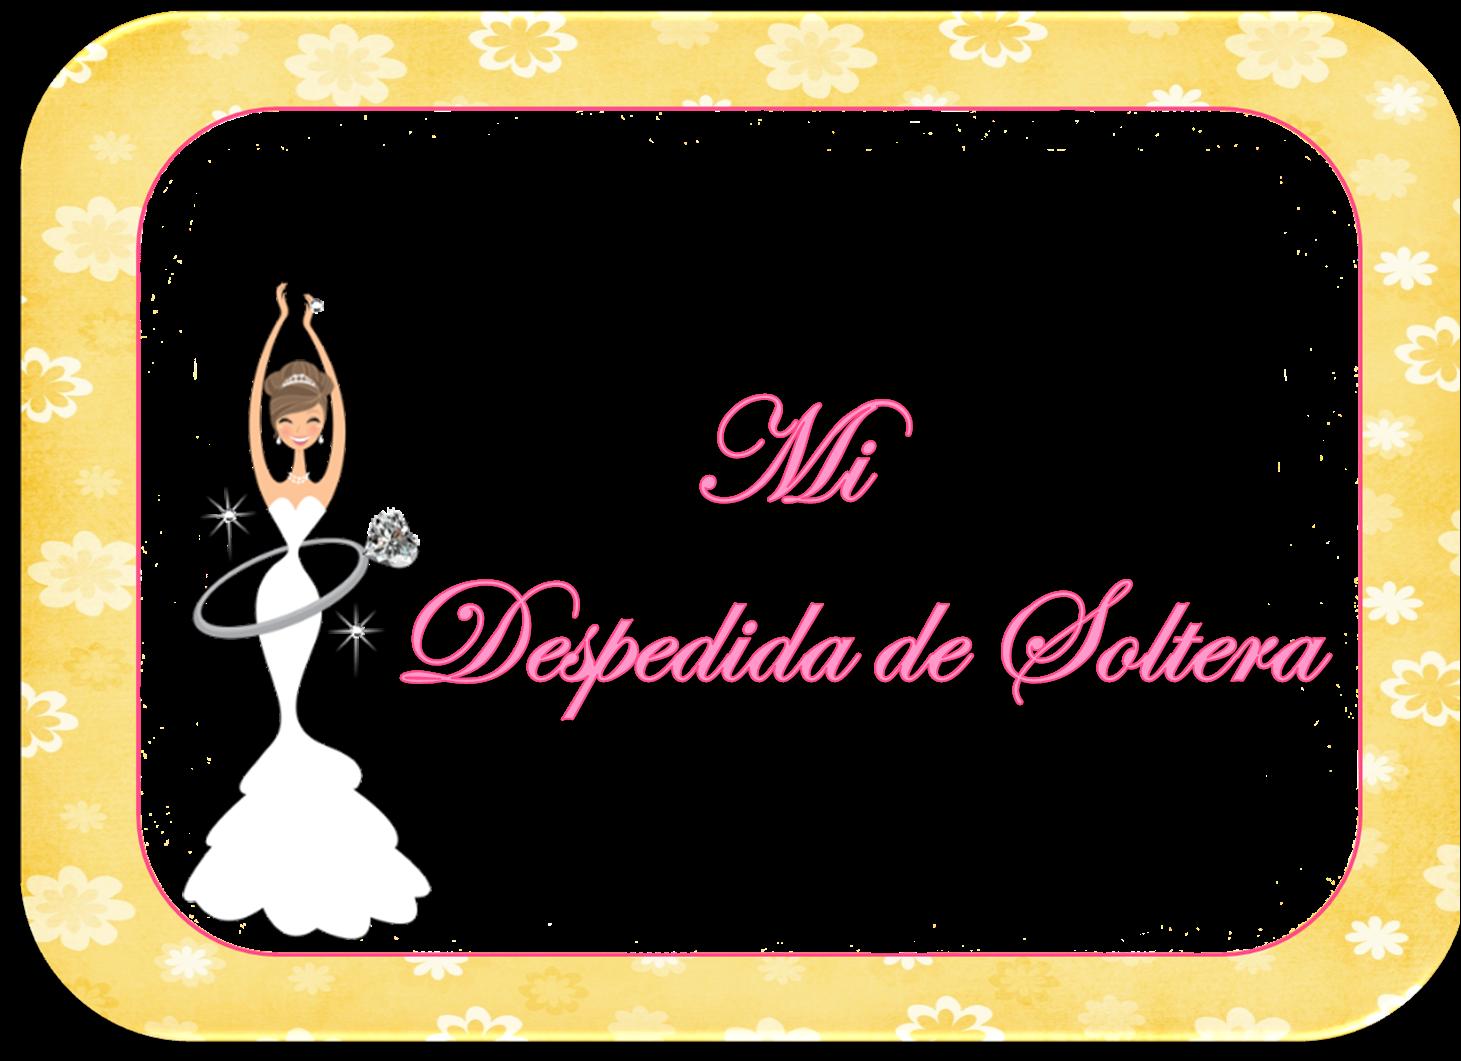 Casita Curacao: Album despedida de Soltera